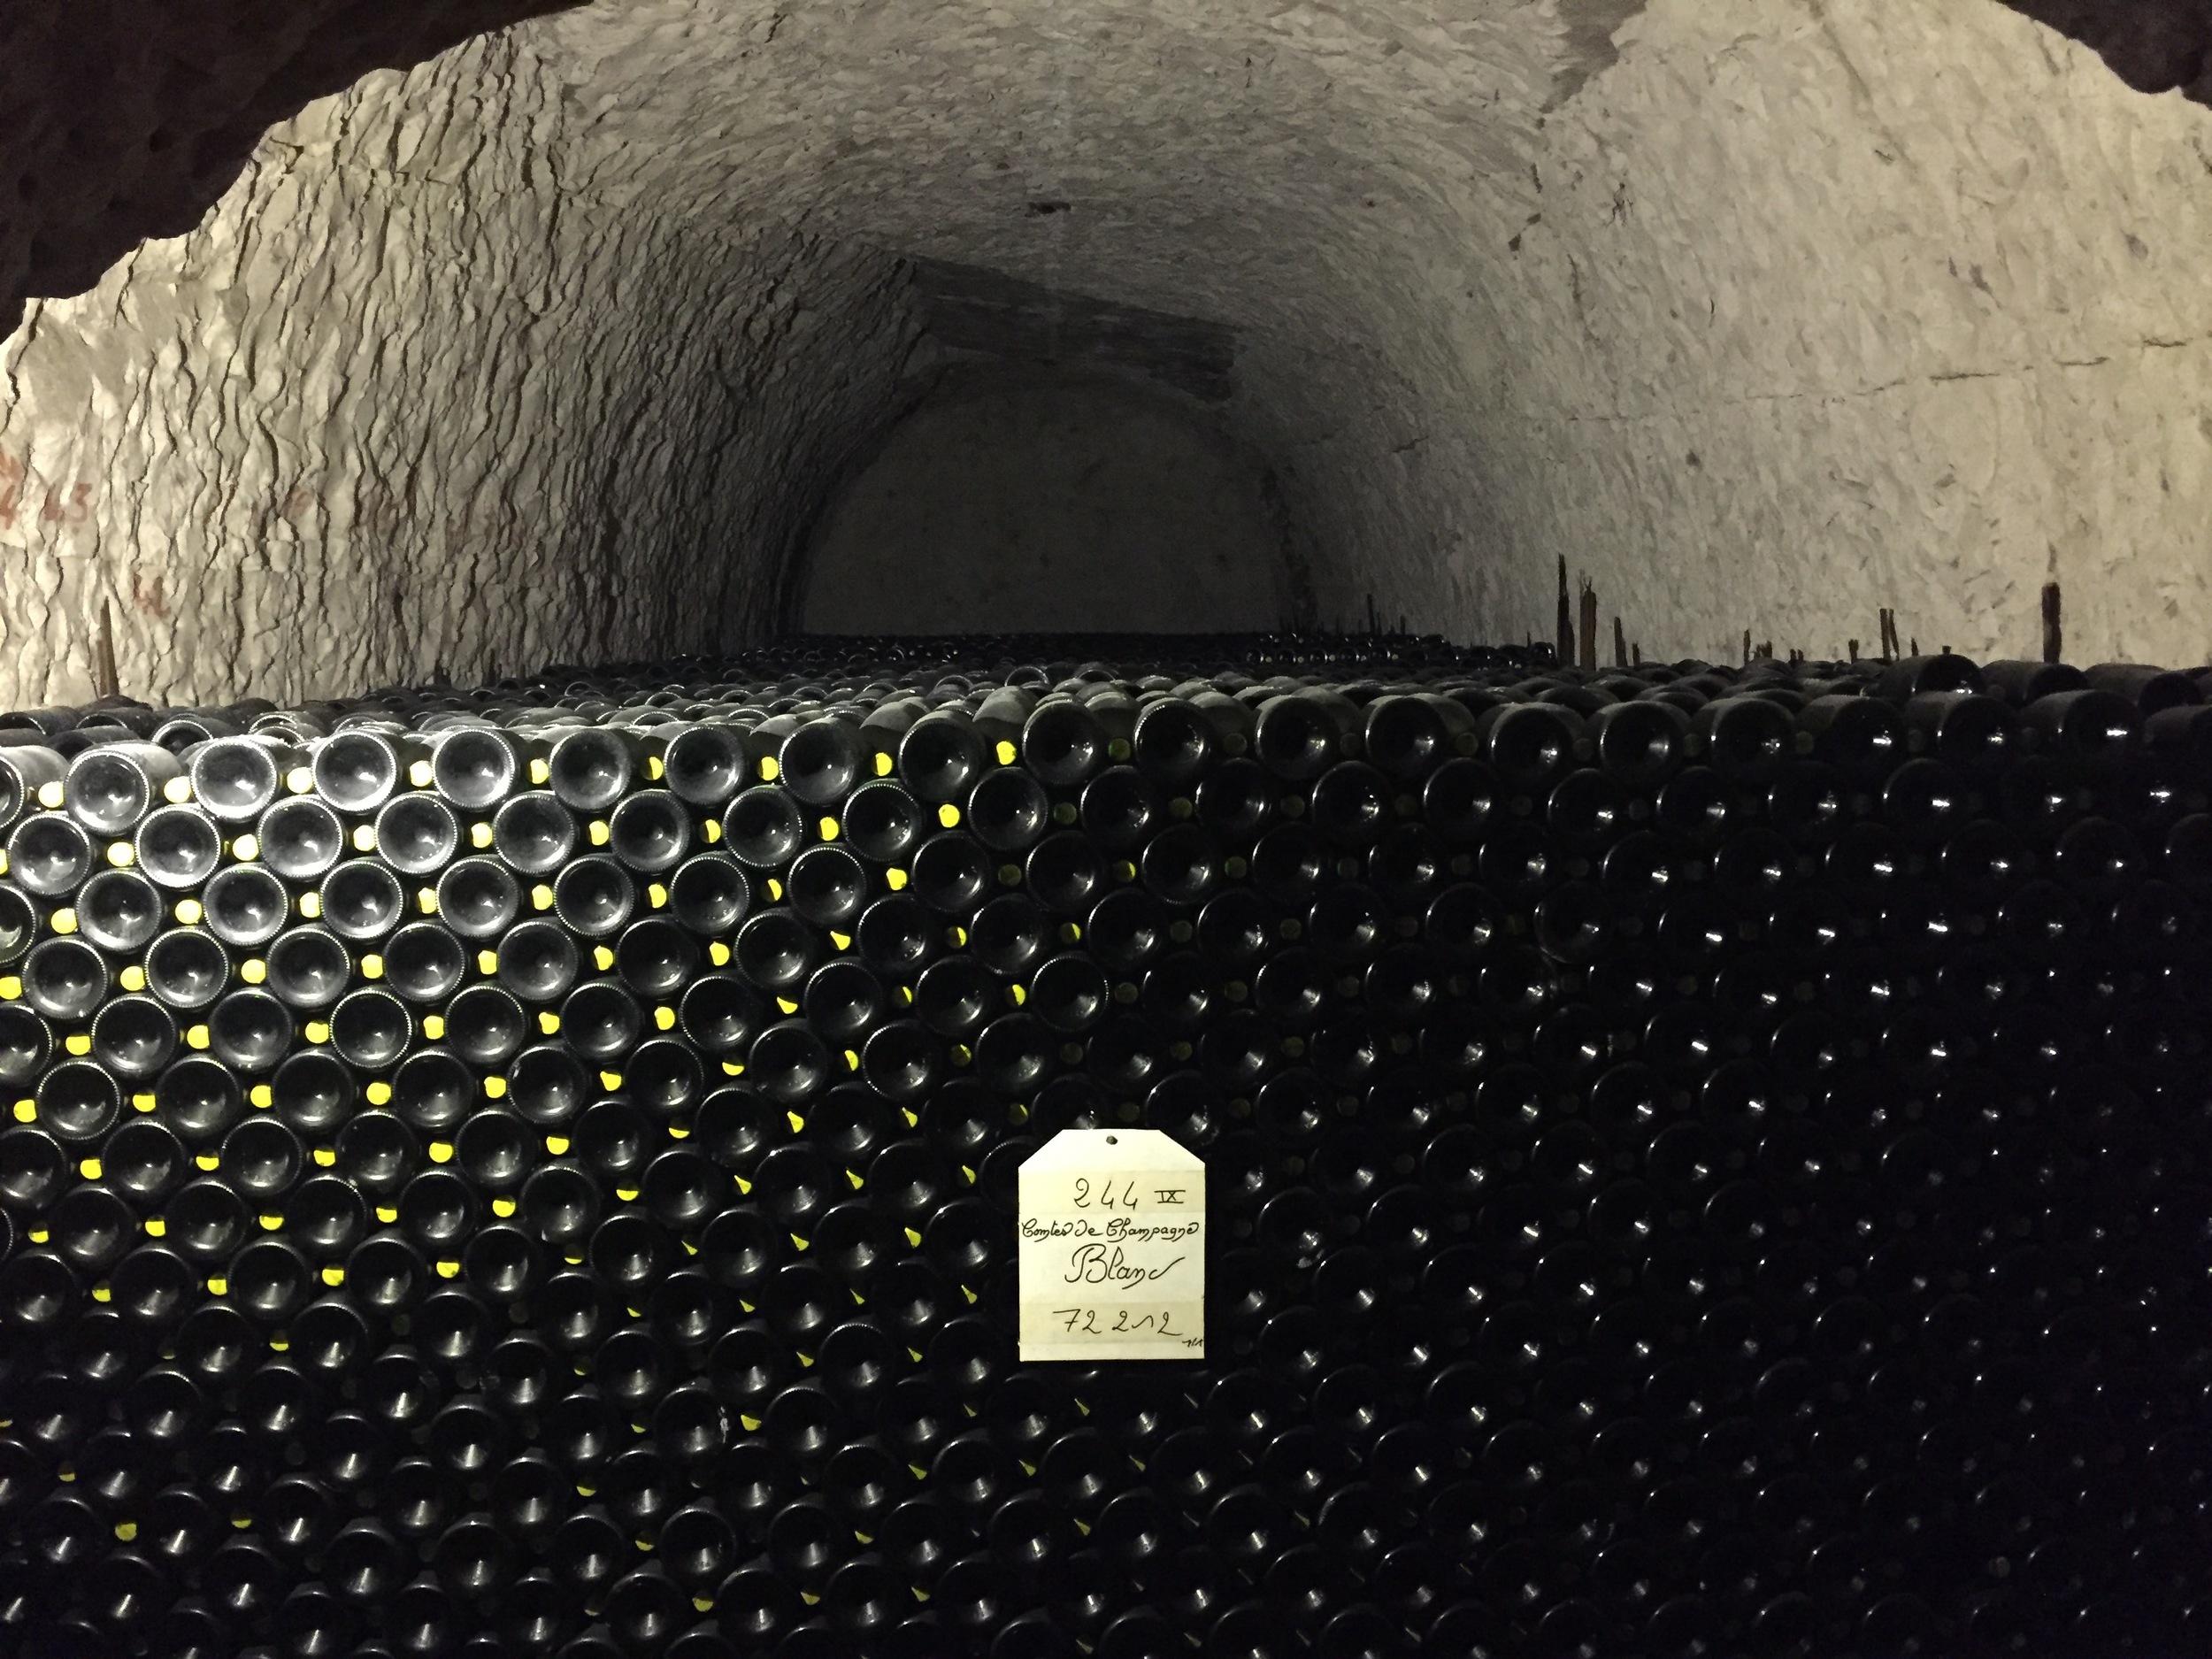 Taittinger champagne bottles aging